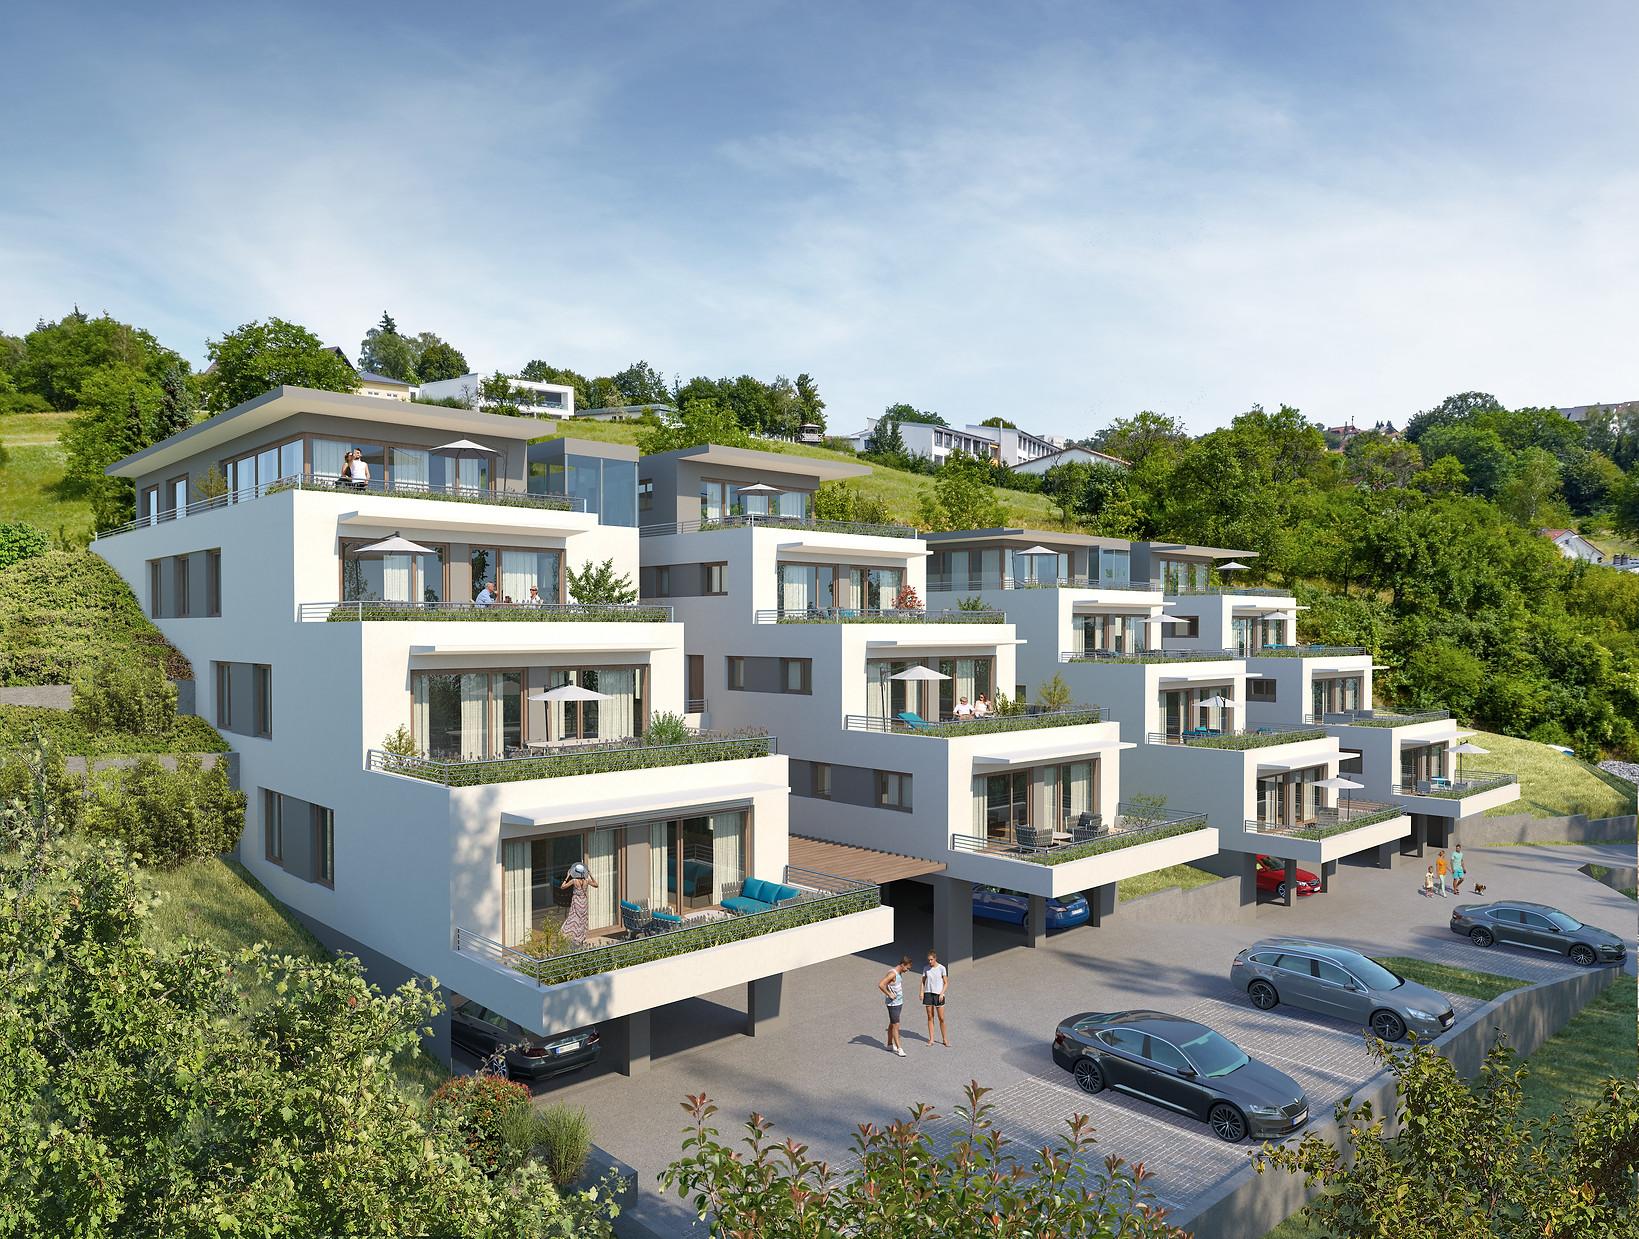 Terrassenhaus Osterburken